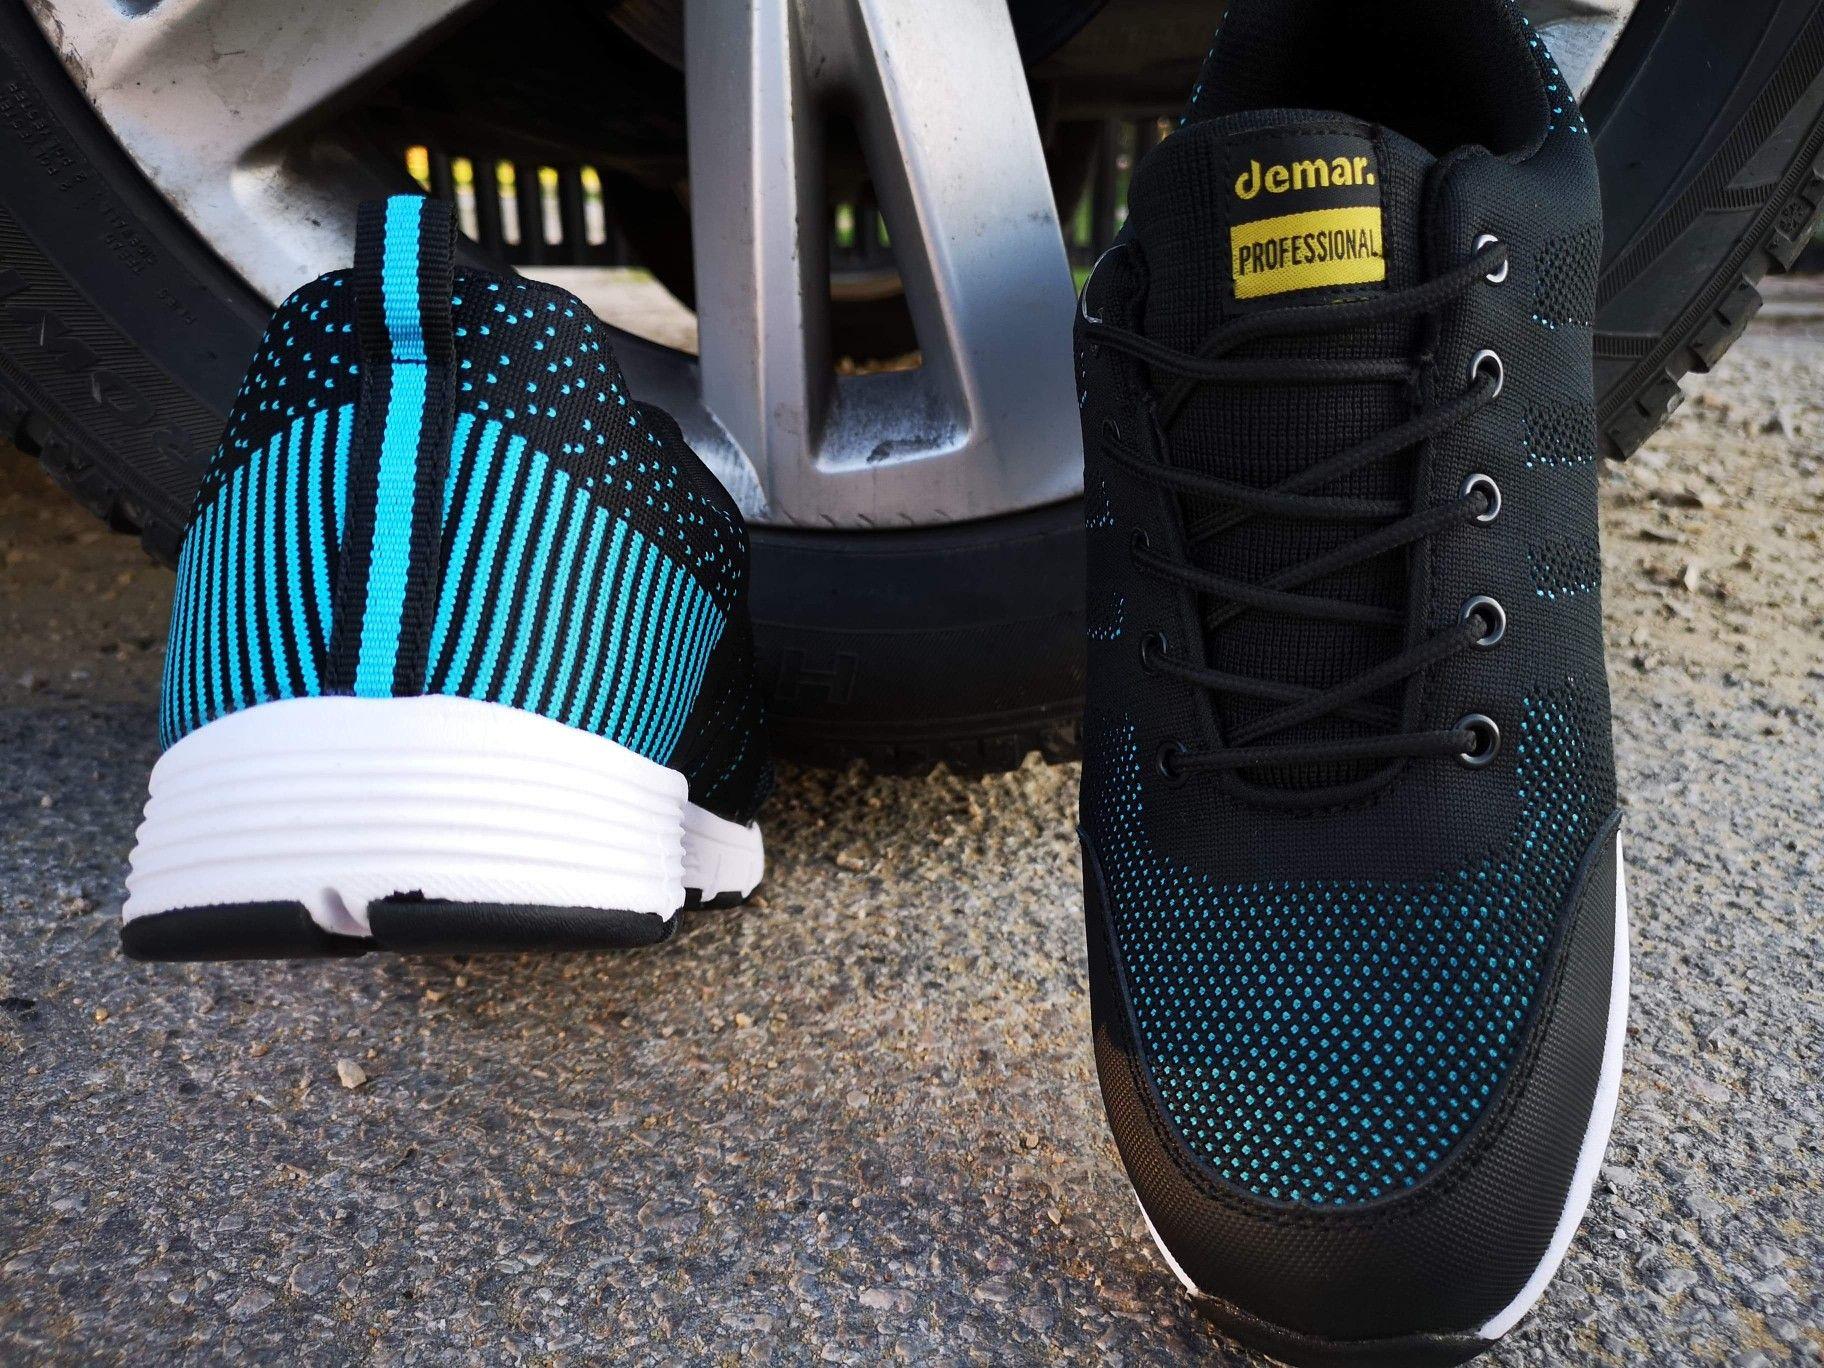 Demar Polbuty Ochronne 9 084 High Top Sneakers Adidas Sneakers Top Sneakers